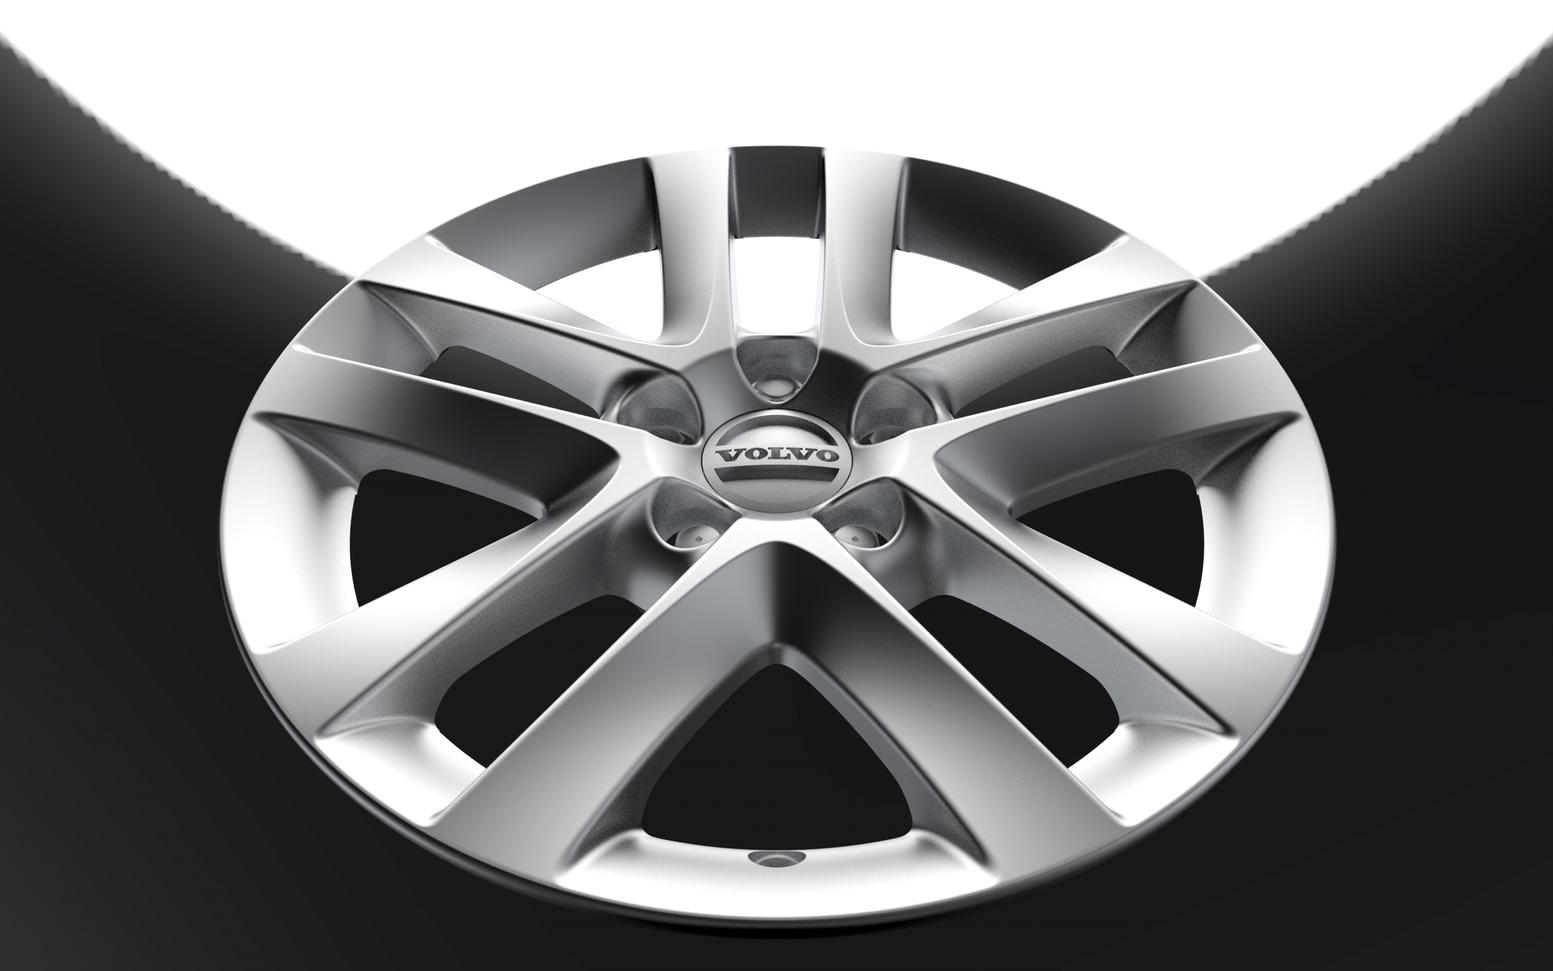 Volvo-Rim-Persp2.N1A.png